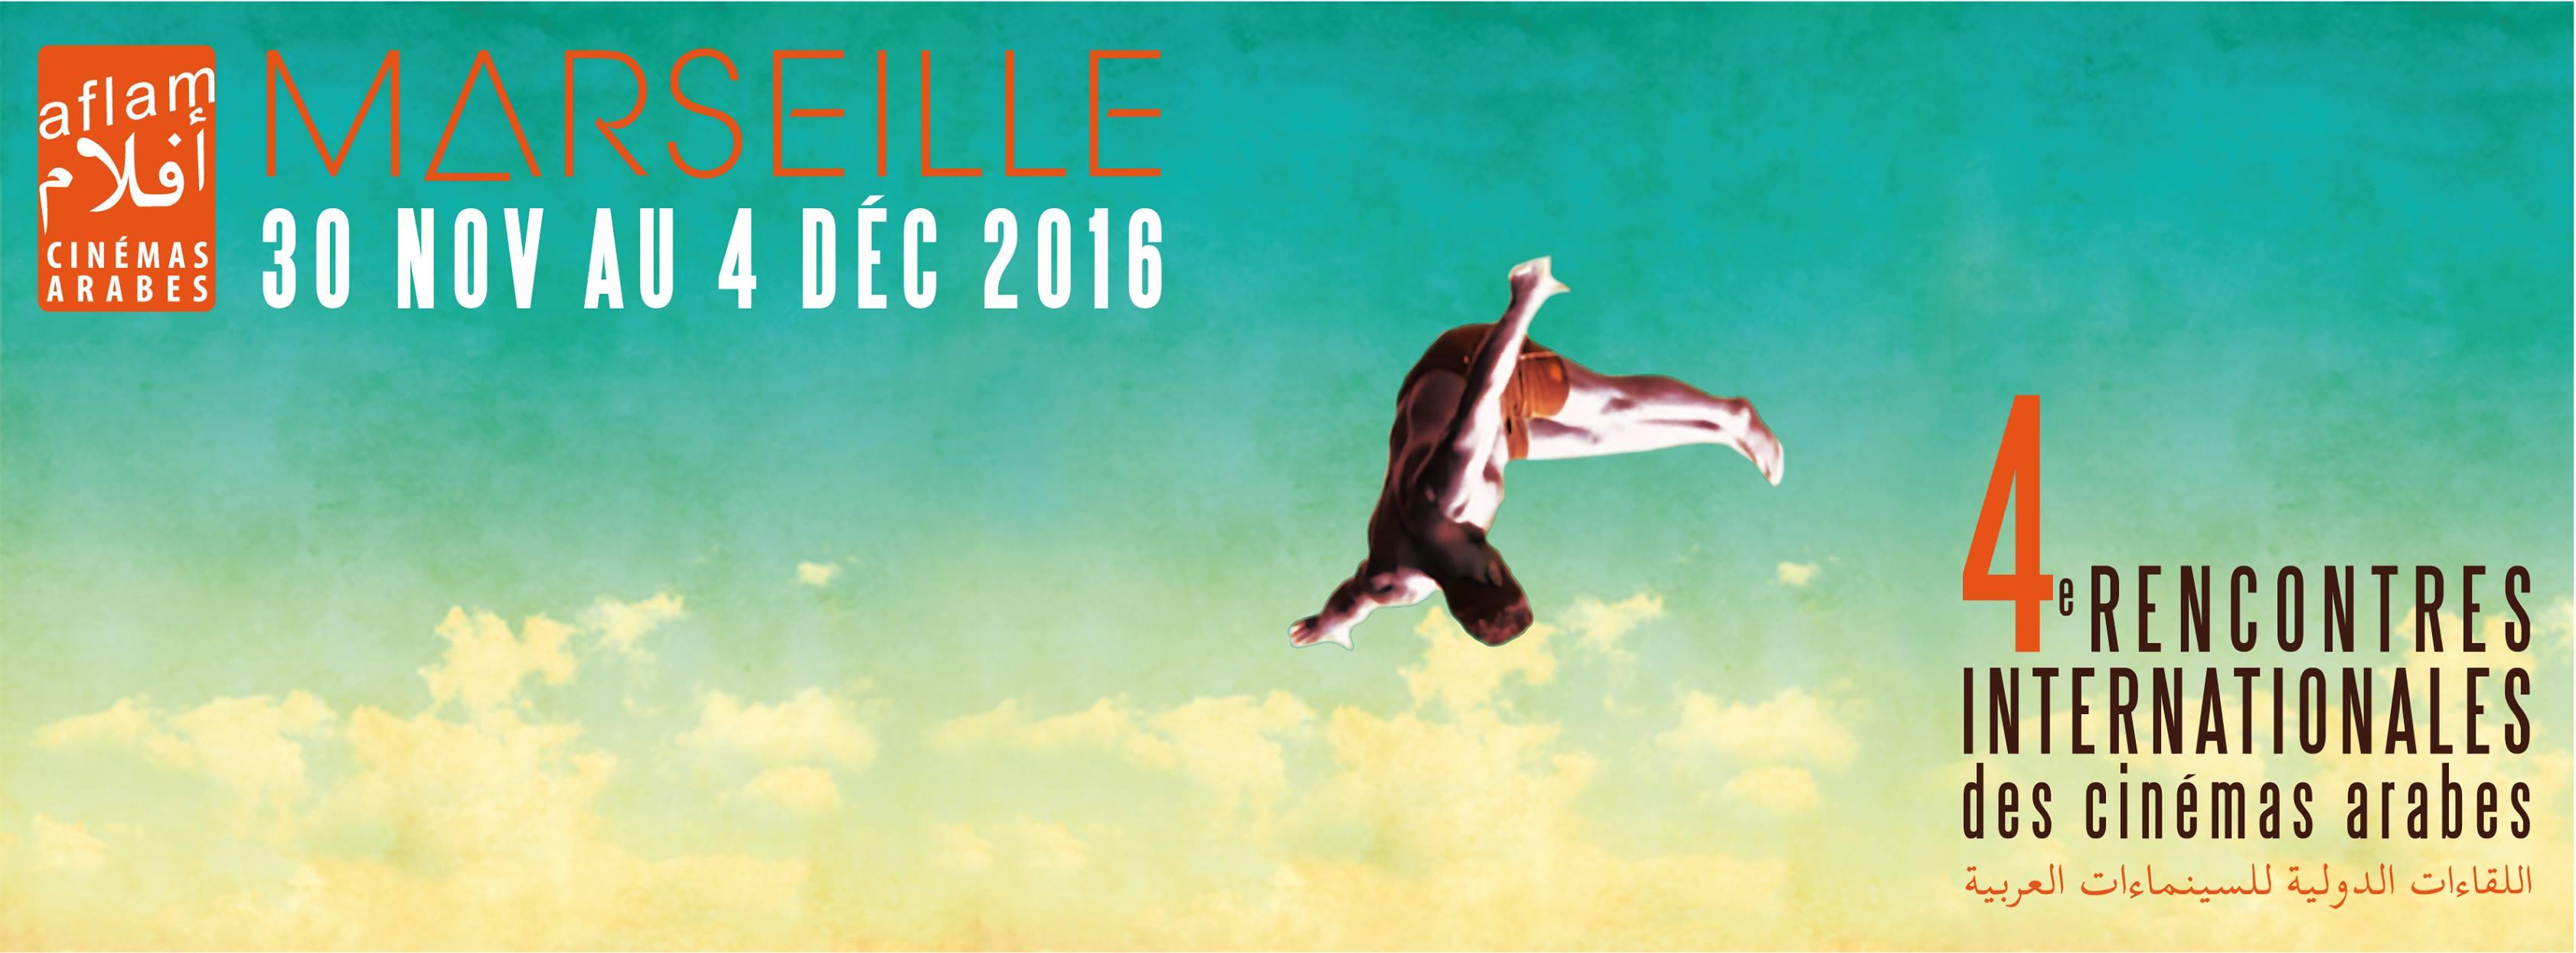 Marseille: 5e rencontres internationales des cinémas arabes